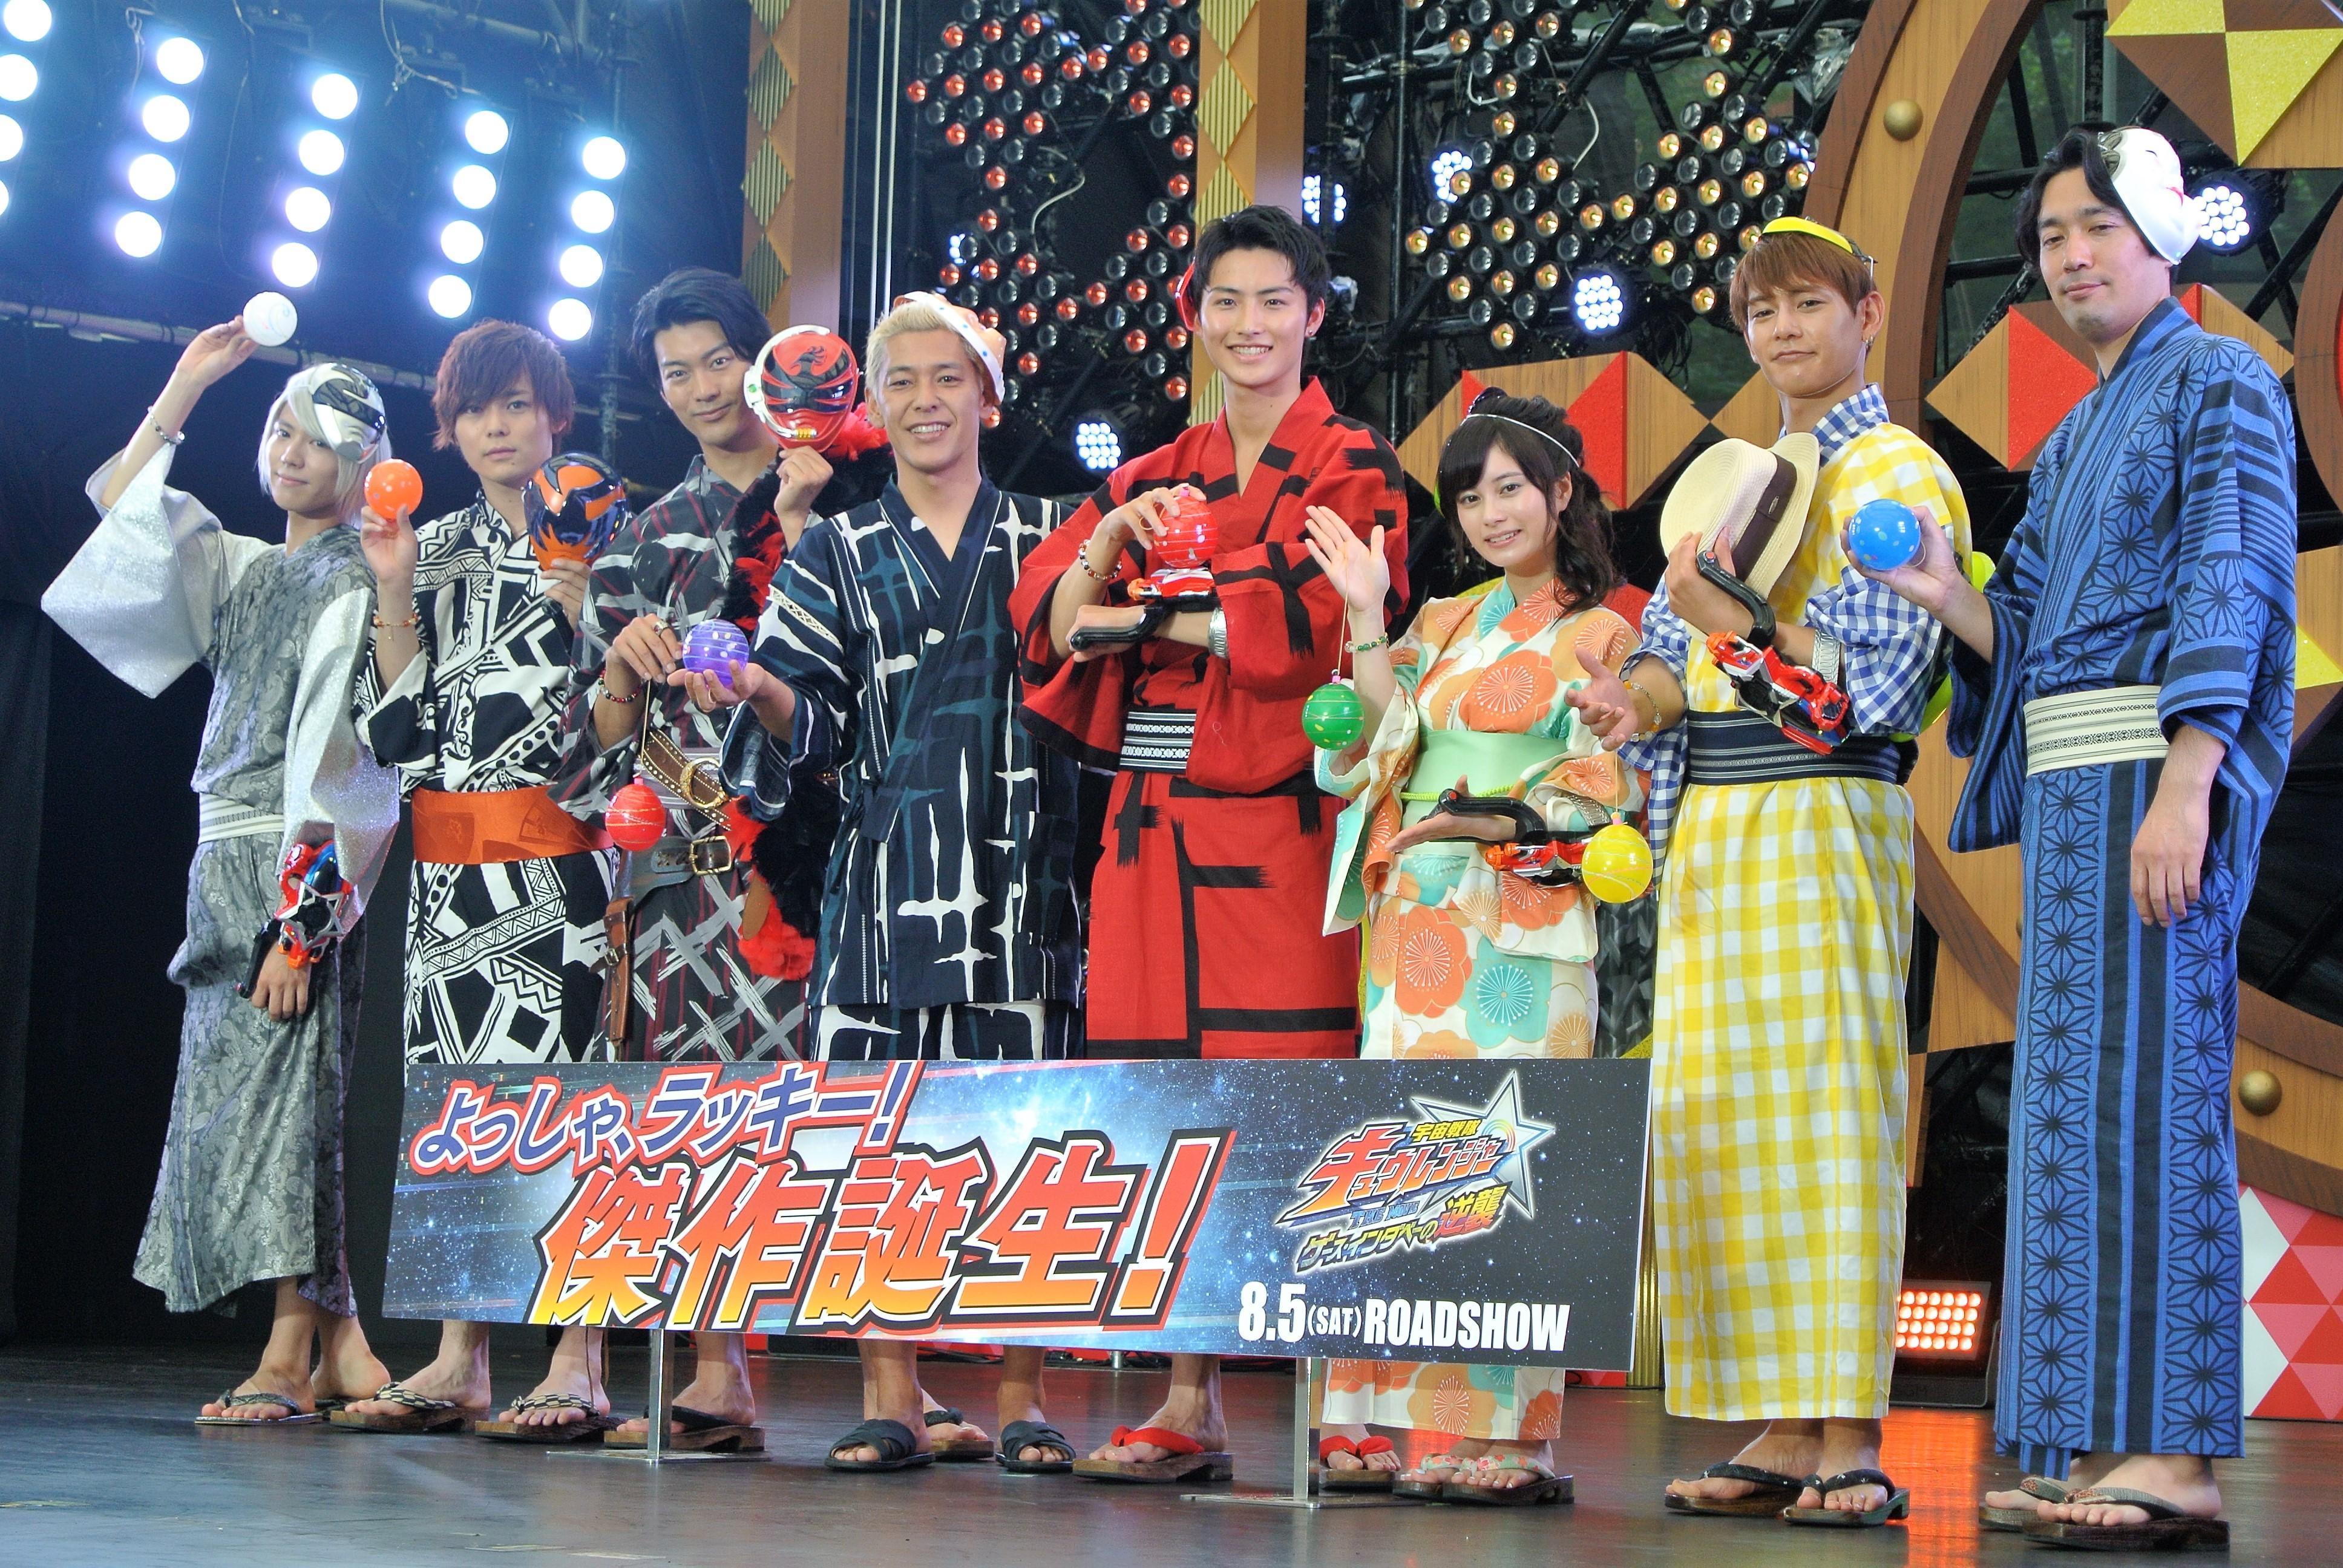 http://news.yoshimoto.co.jp/20170731175642-9d5147bbf558a8b21552dffc00acb4d03936ebcd.jpg